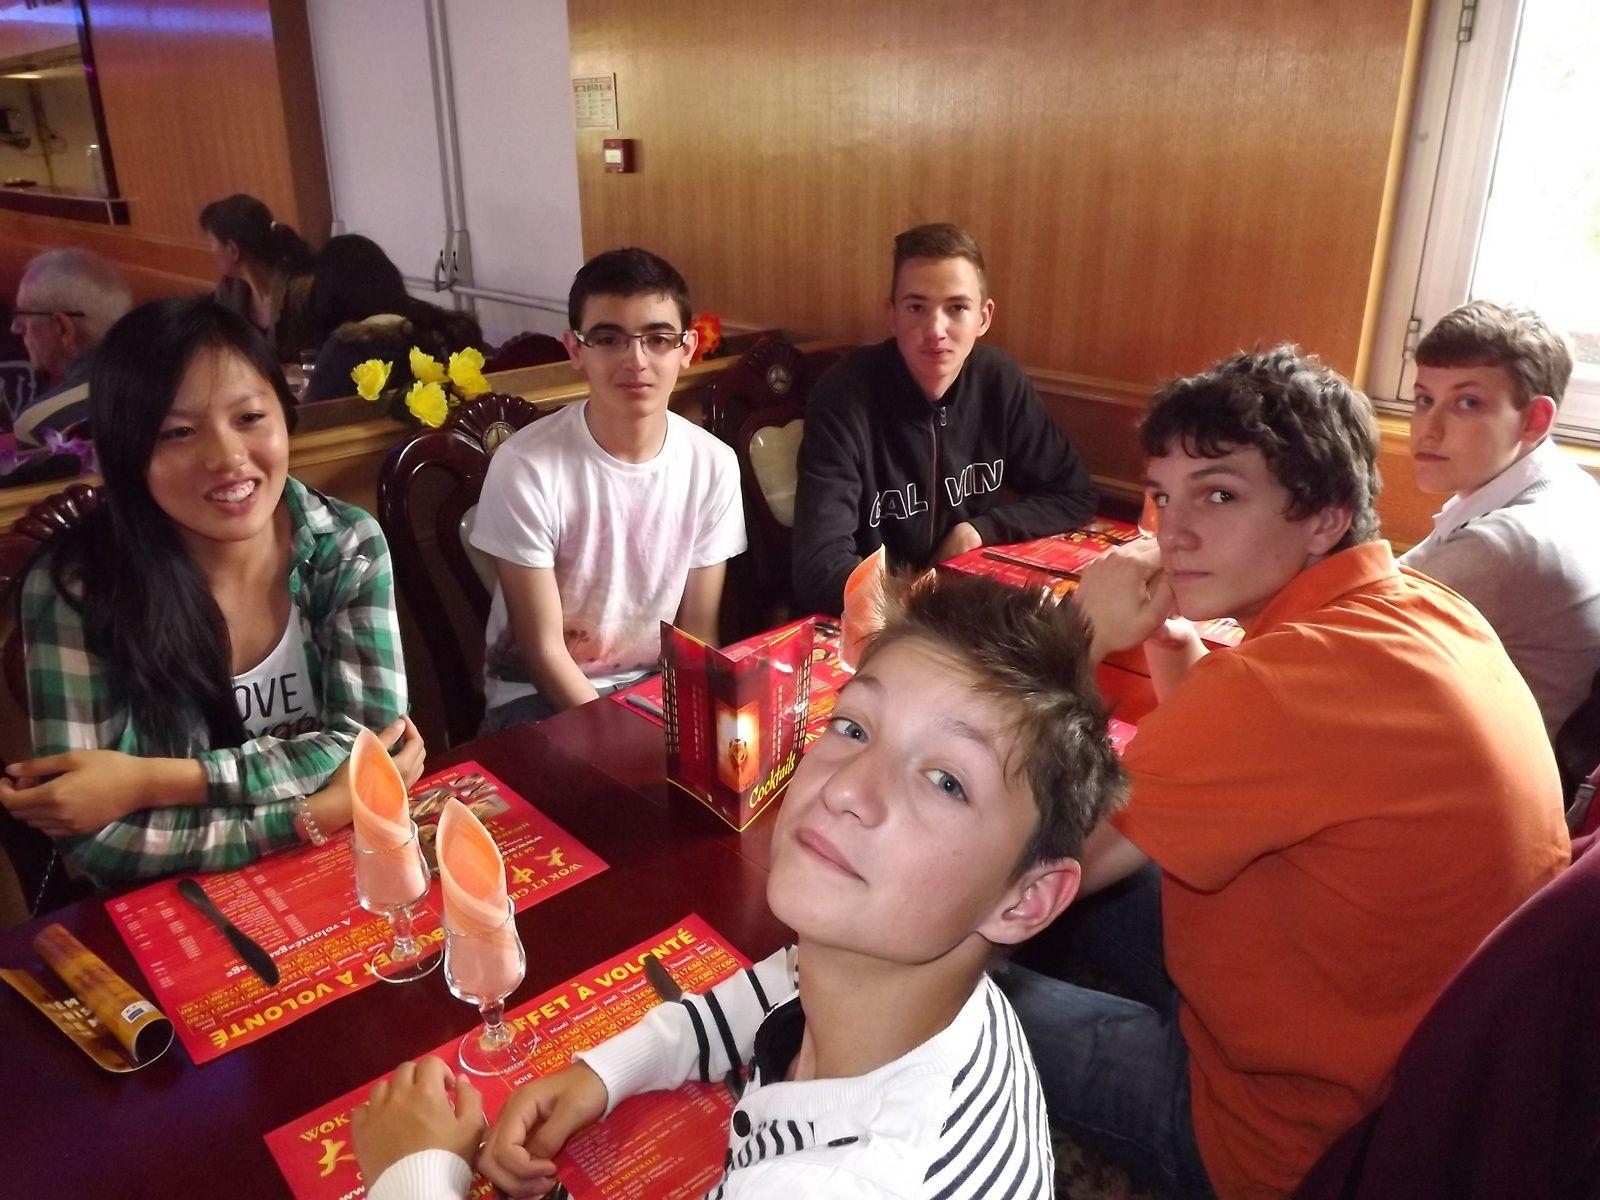 Déjeuner au restaurant wok-grill à Bron avenue du président Salvador Allende des parents d'Alice, un régal dans tous les sens du terme.